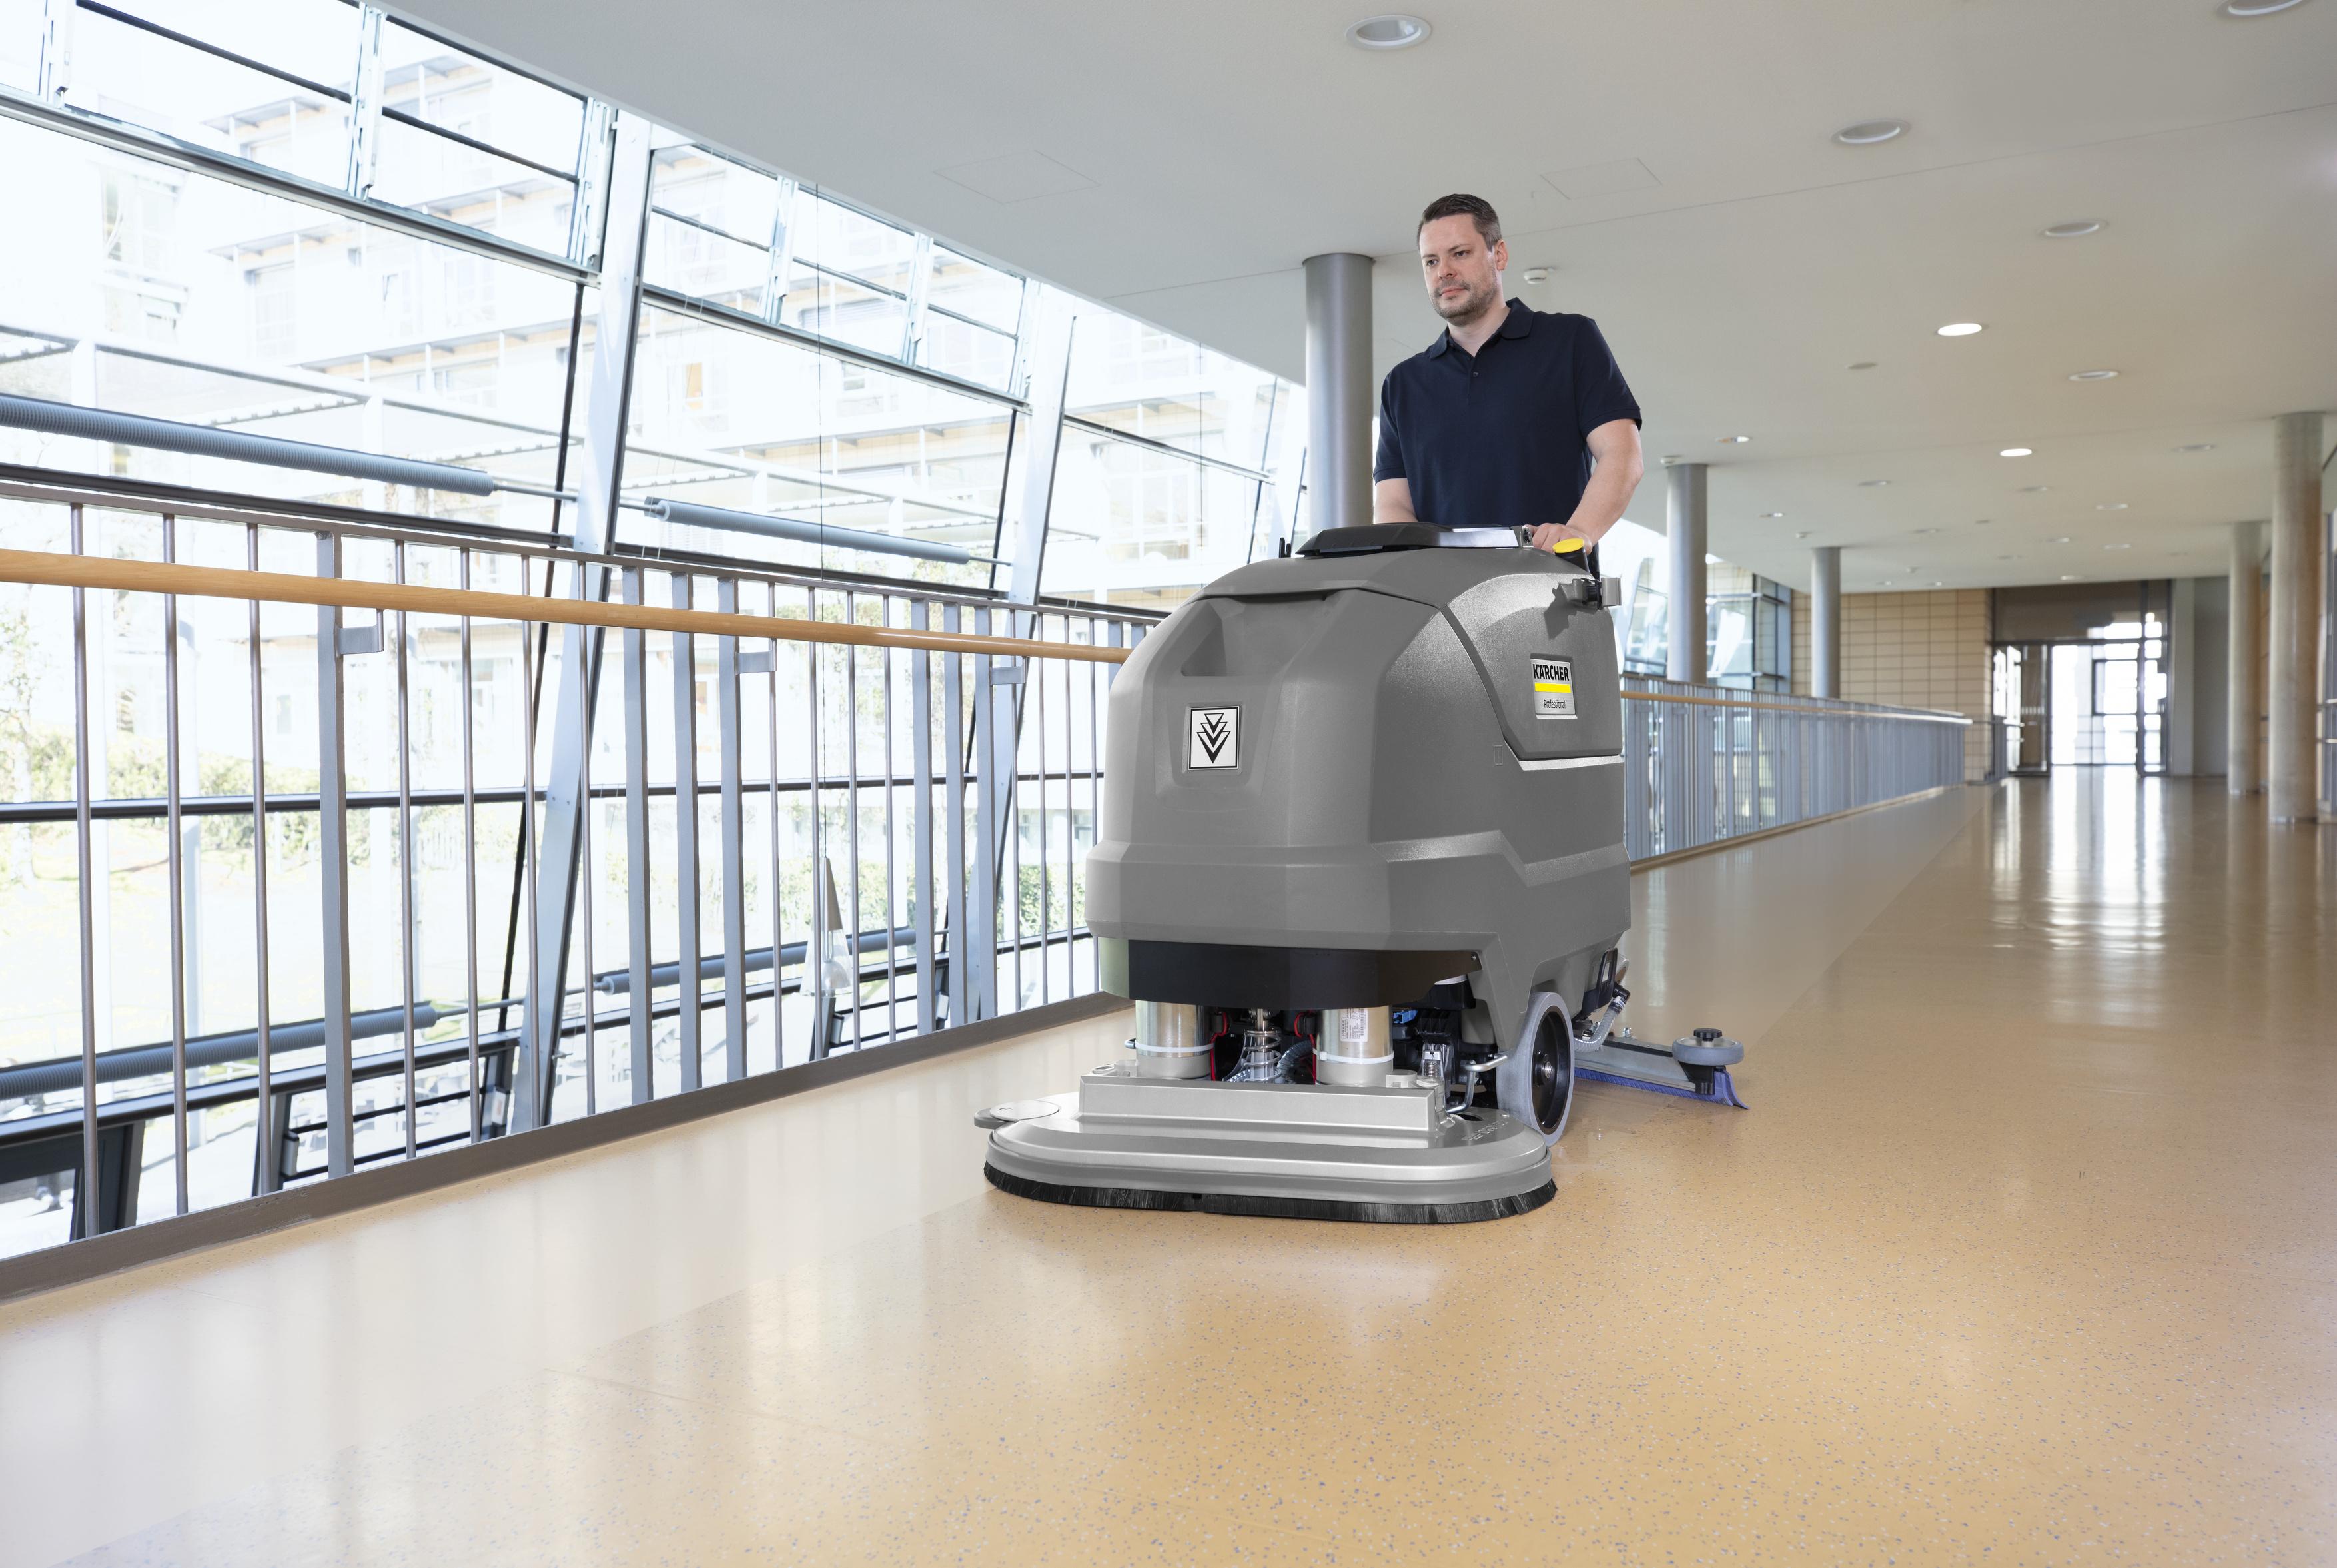 Reinigung mit einer Kärcher Scheuersaugmaschine im Krankenhaus